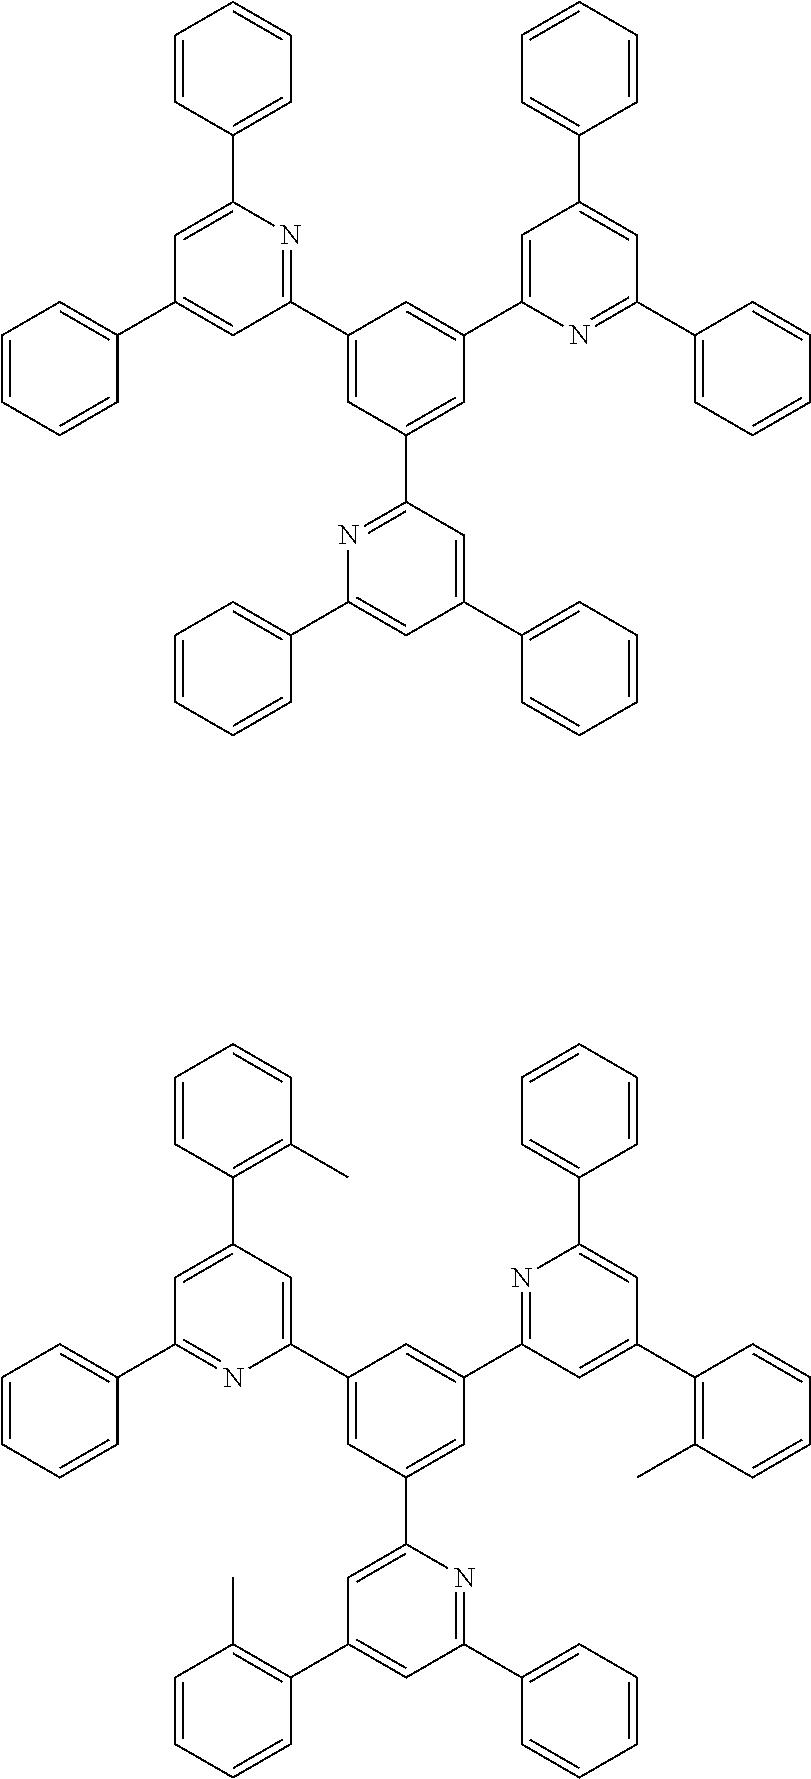 Figure US20110215312A1-20110908-C00077